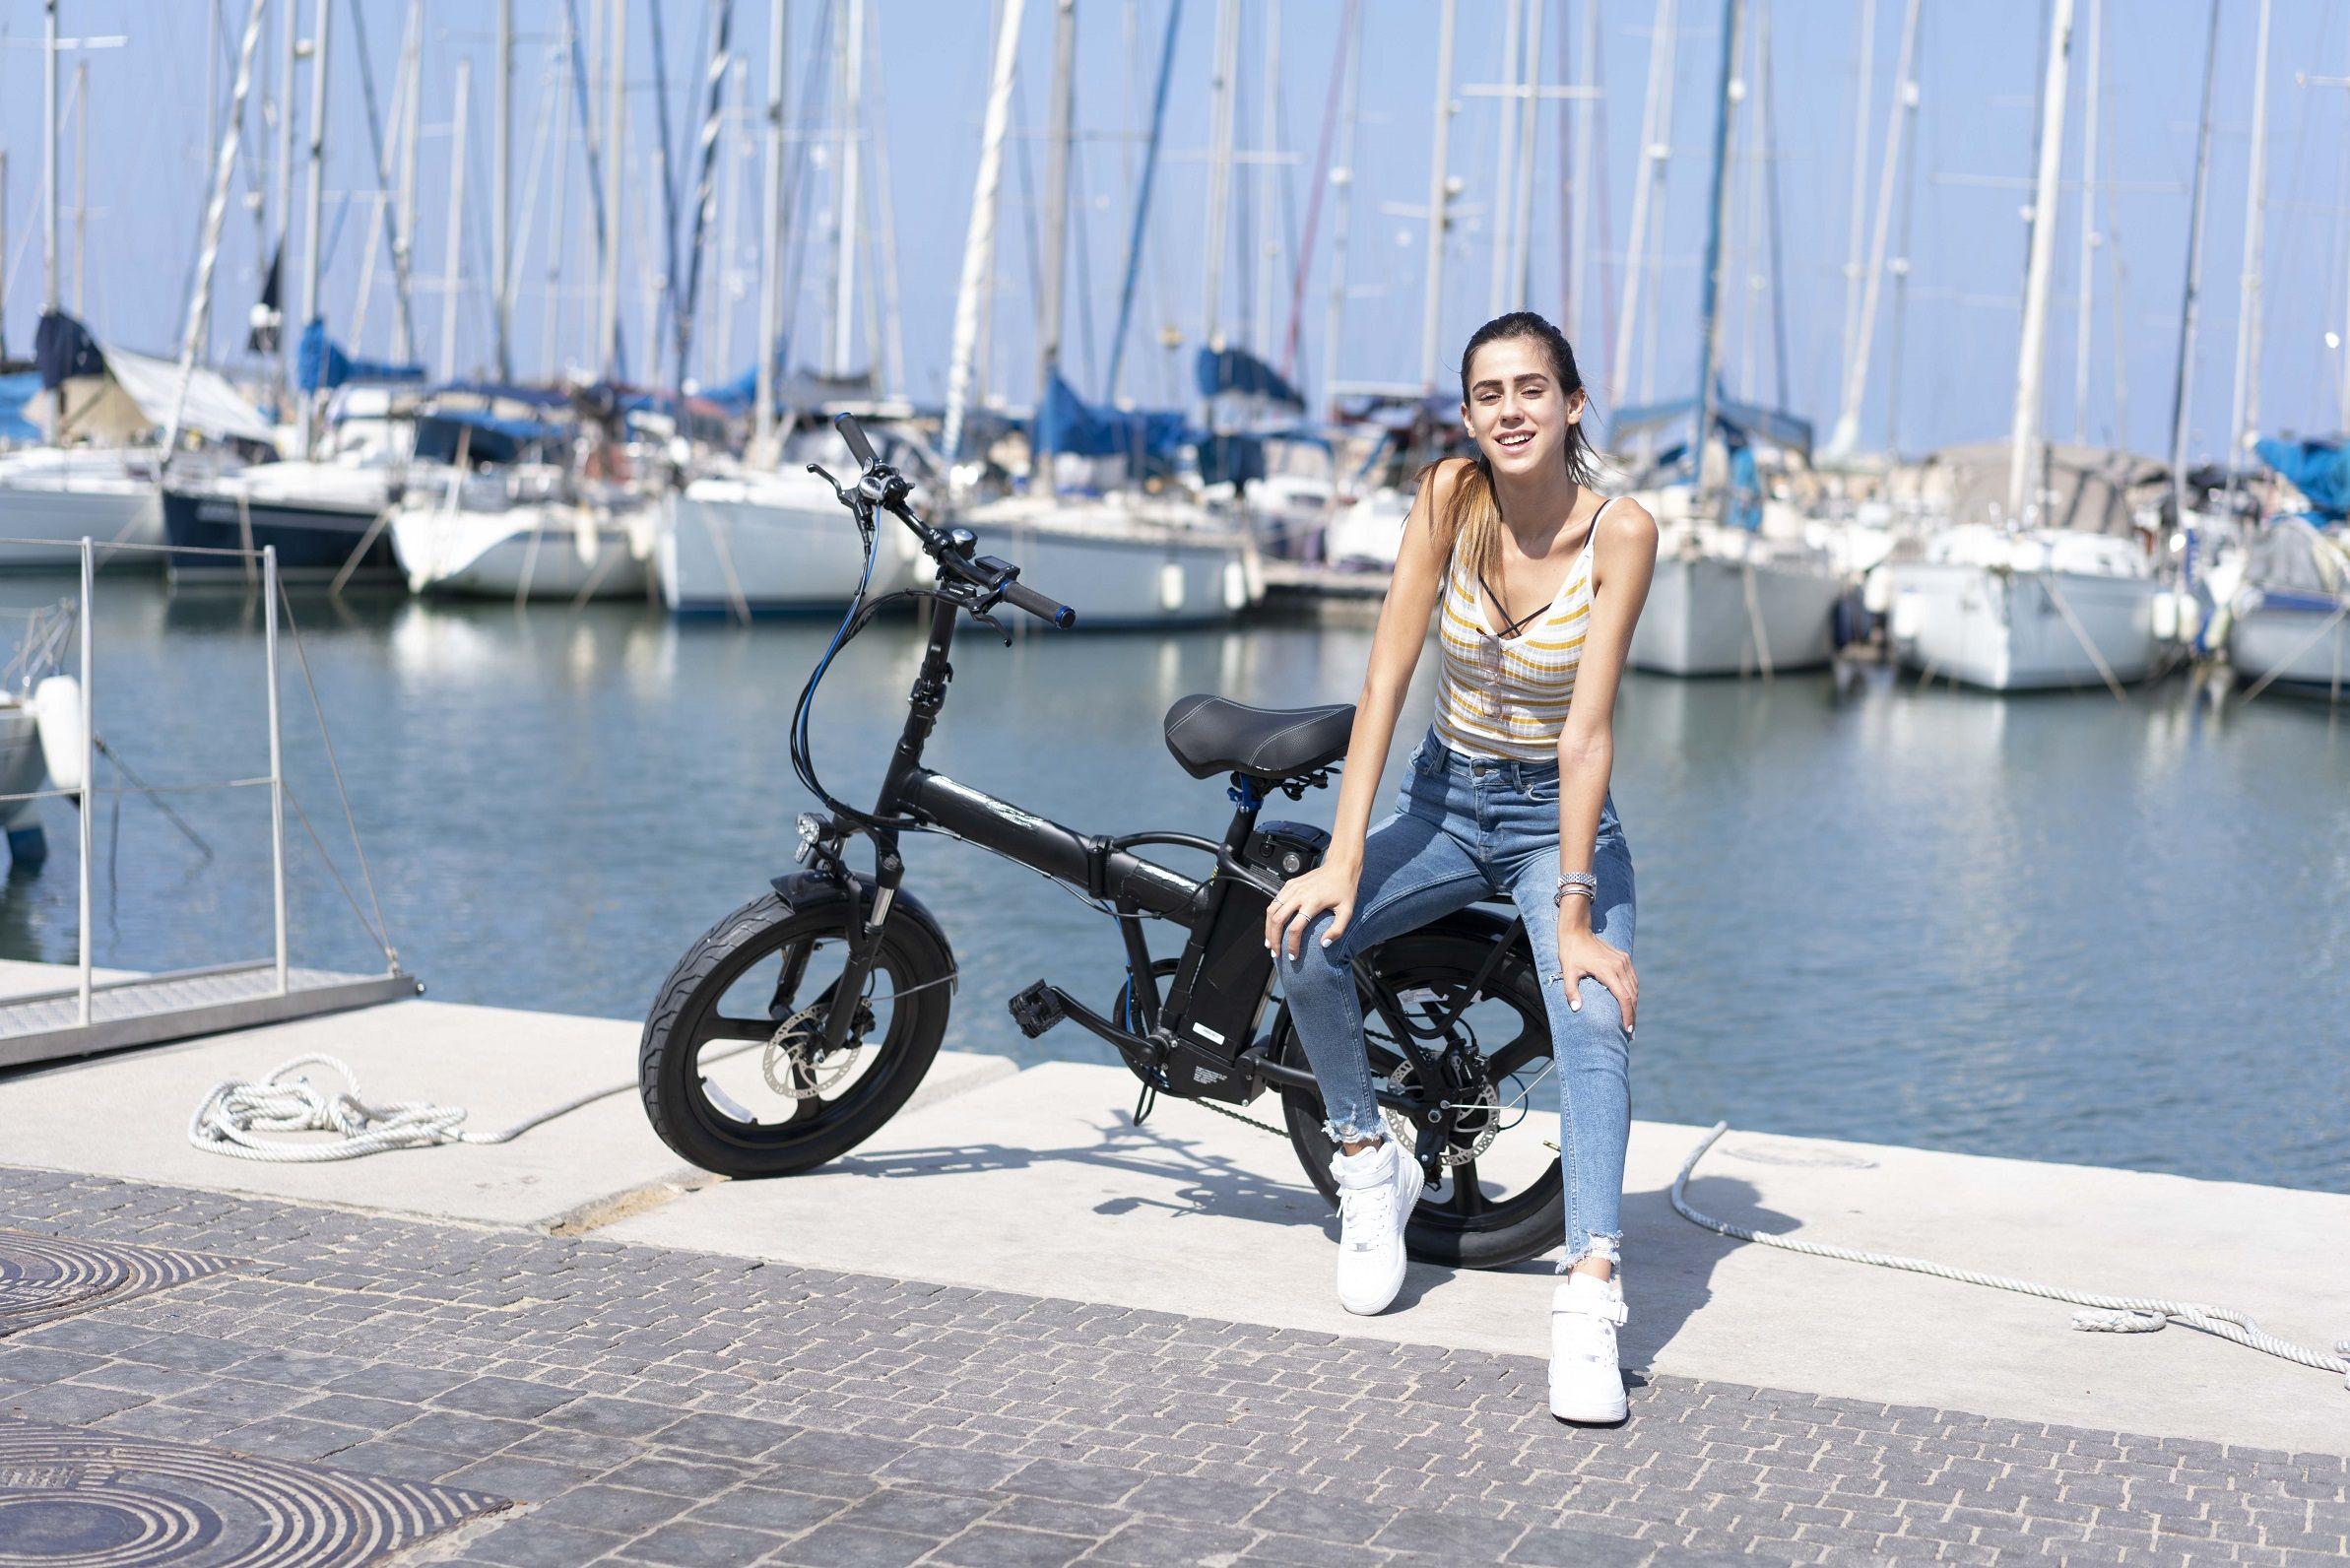 אופניים חשמליות יוקרתיות